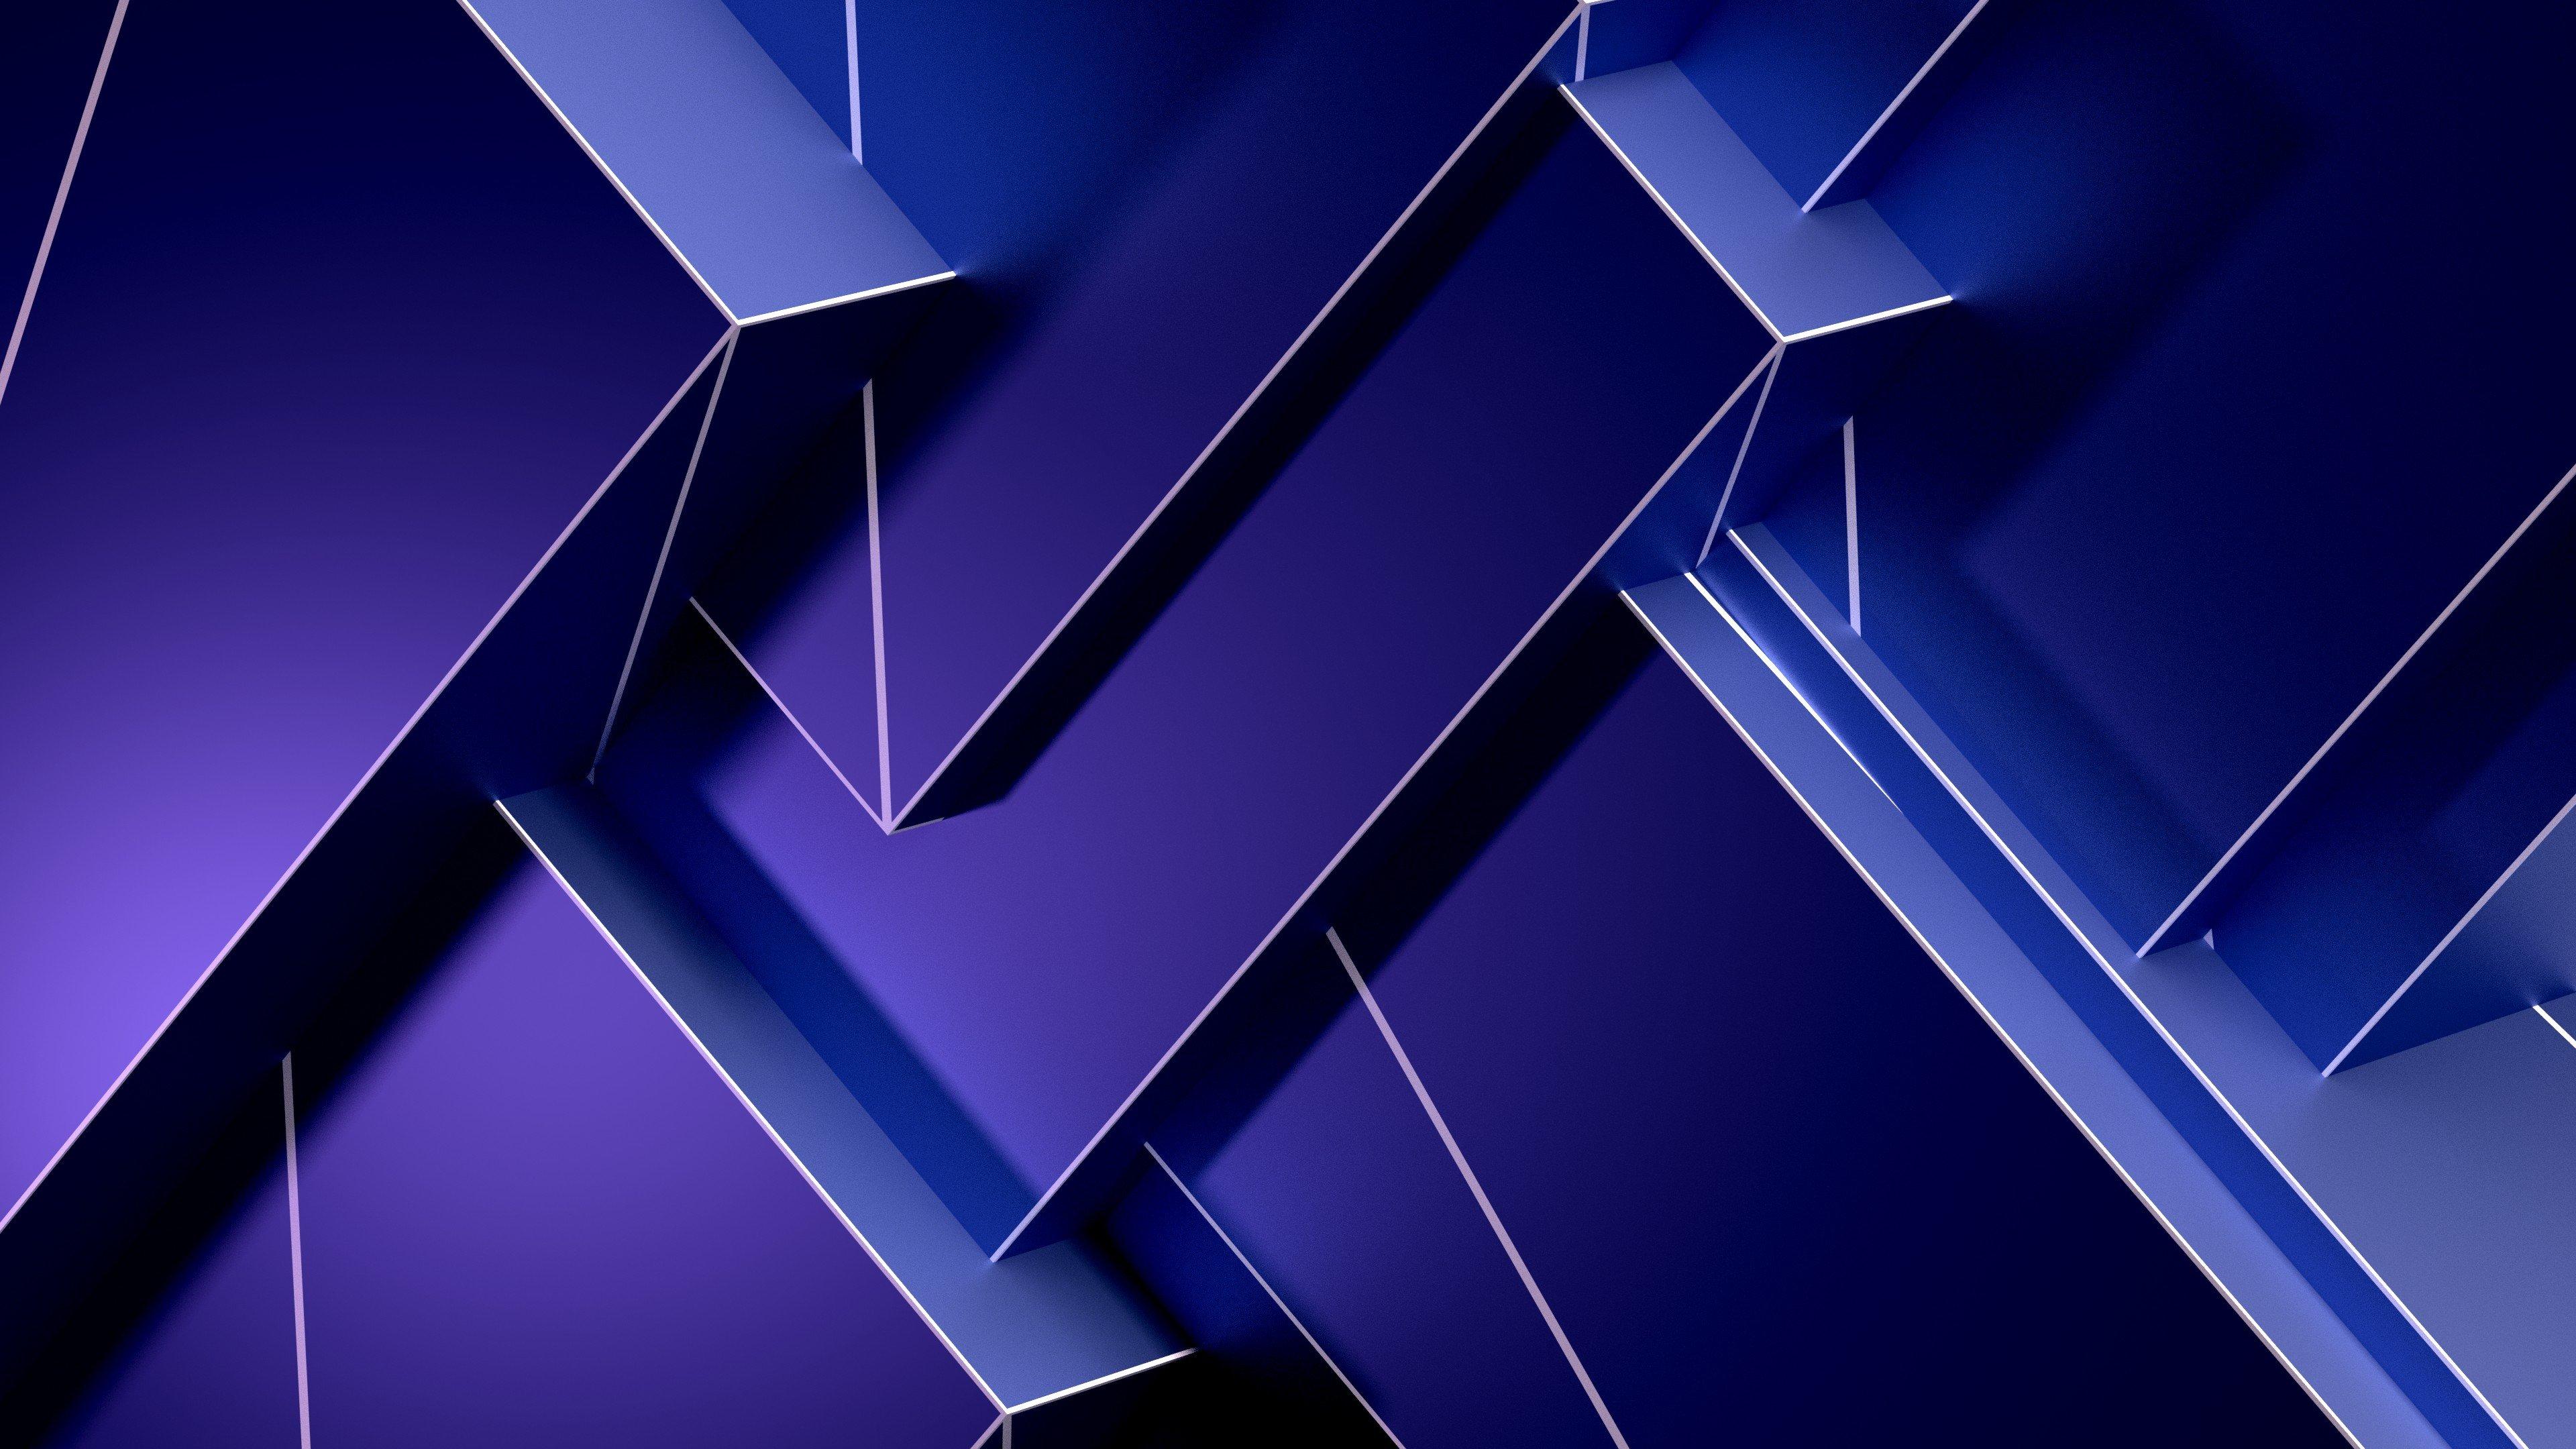 Fondos de pantalla Geometría 3D